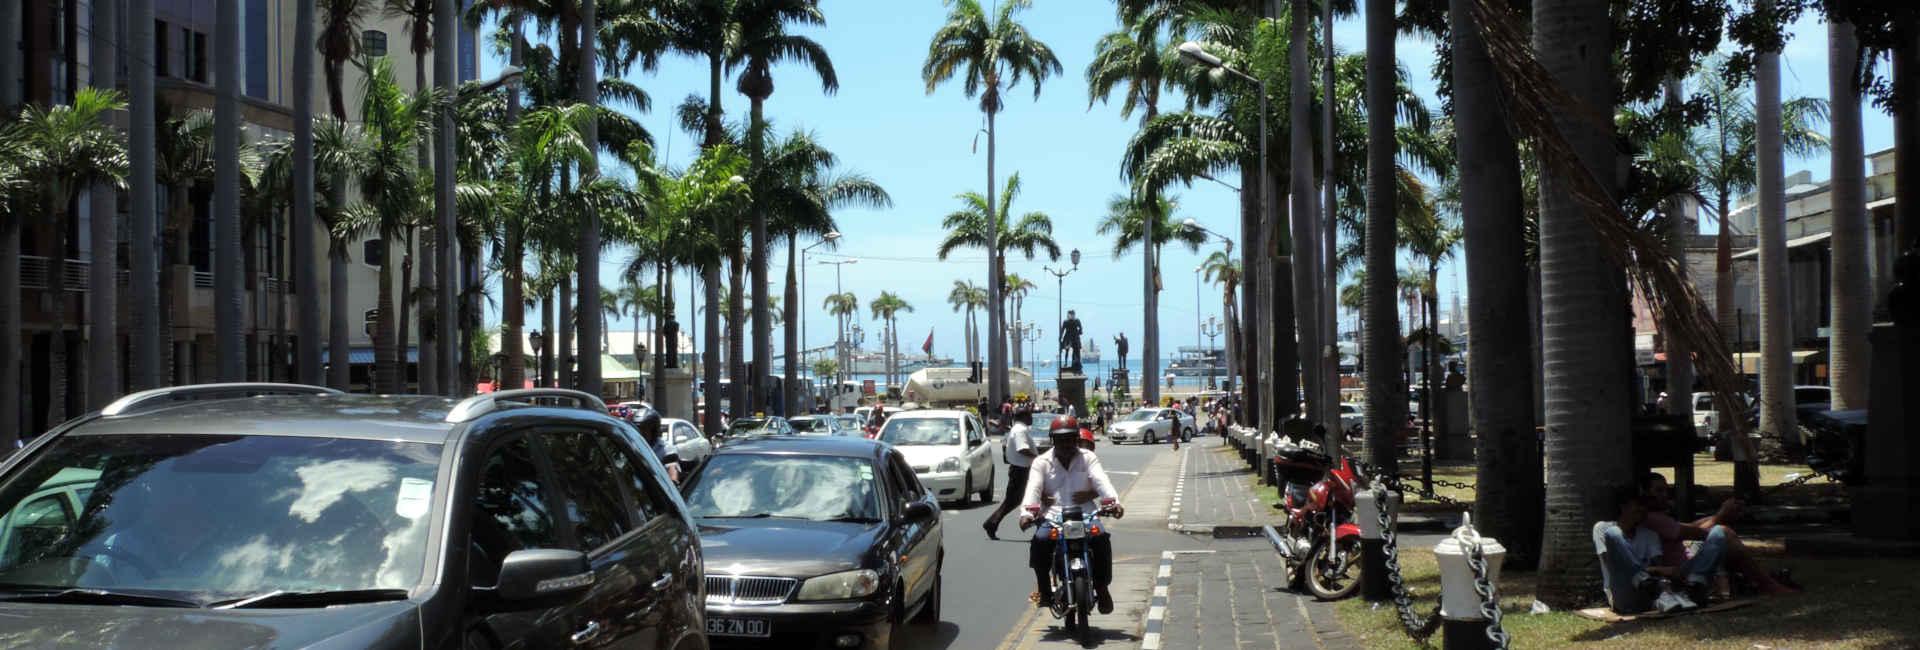 Port Louis Zentrum, Mauritius